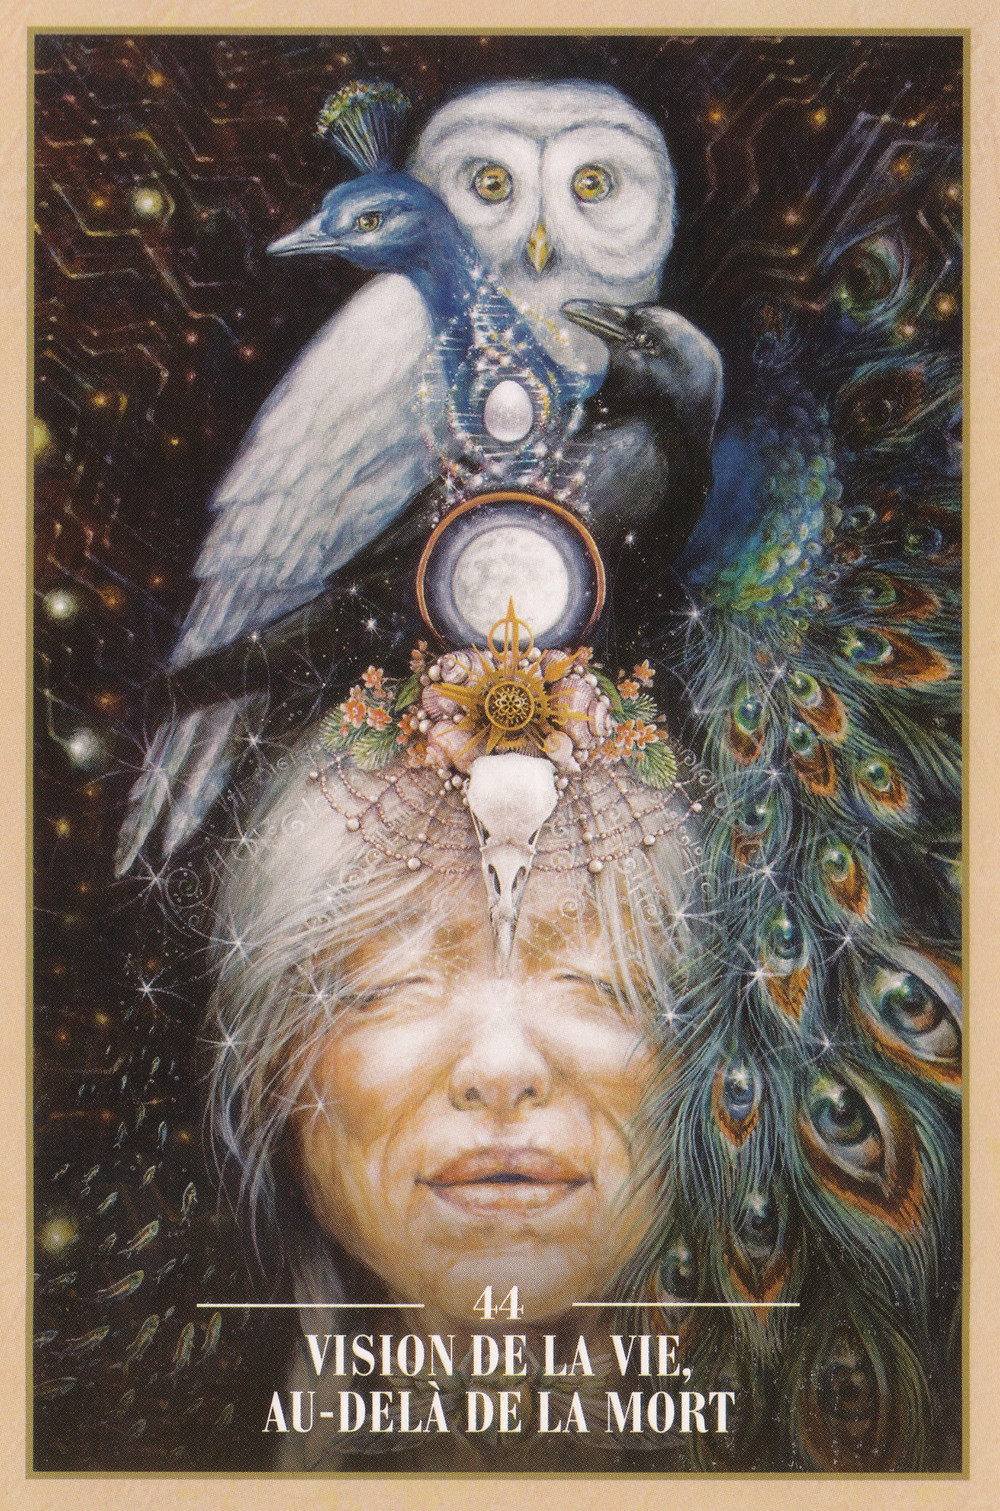 Carte de L'Oracle des Rebelles Sacrés d'Alana Fairchild - 44 - Vision de la Vie au delà de la mort - Energies du 7 au 9 février 2020 (Pleine Lune) : Voir au-delà des apparences pour garder Confiance...